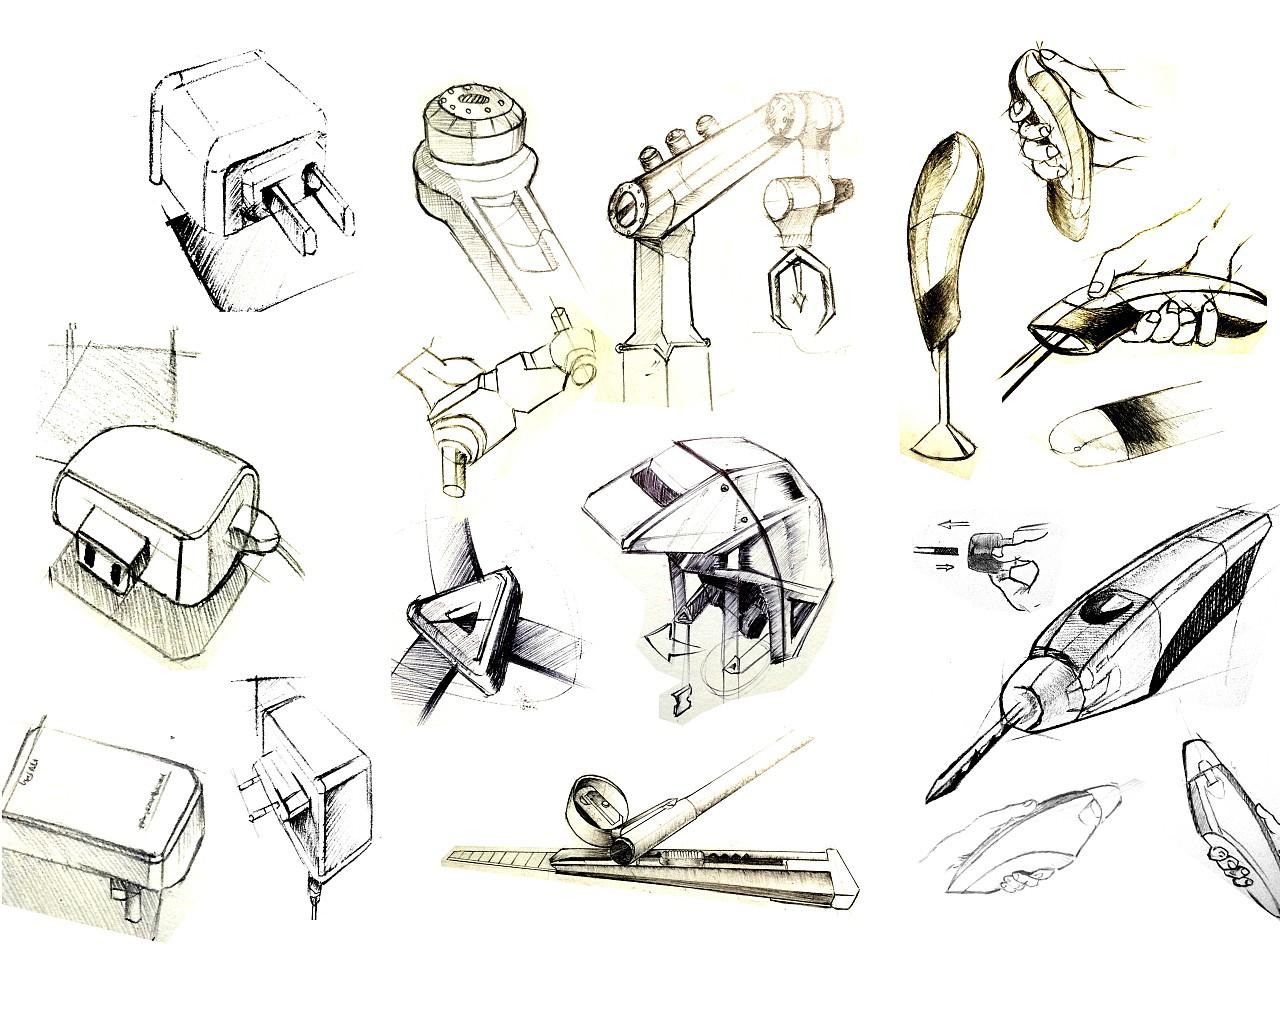 简单手绘|插画|插画习作|旭晓阳 - 原创作品 - 站酷